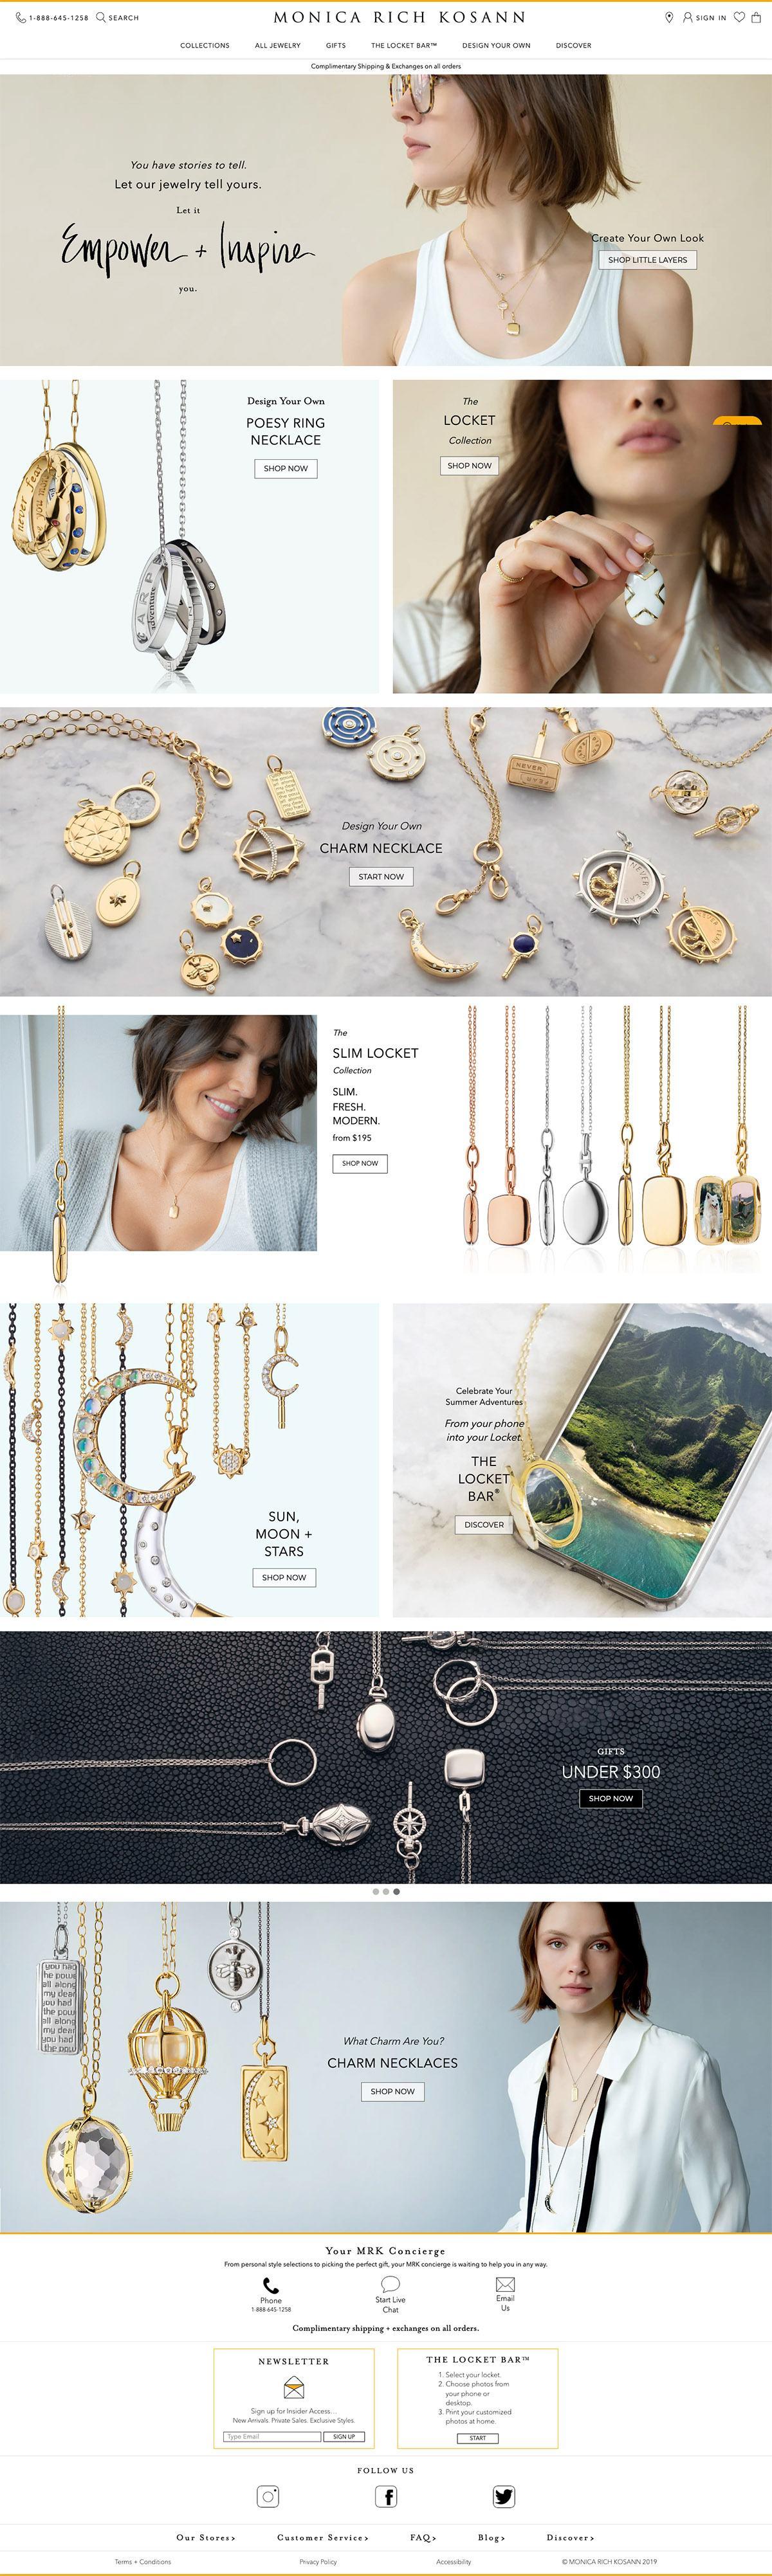 eCommerce website: Monica Rich Kosann